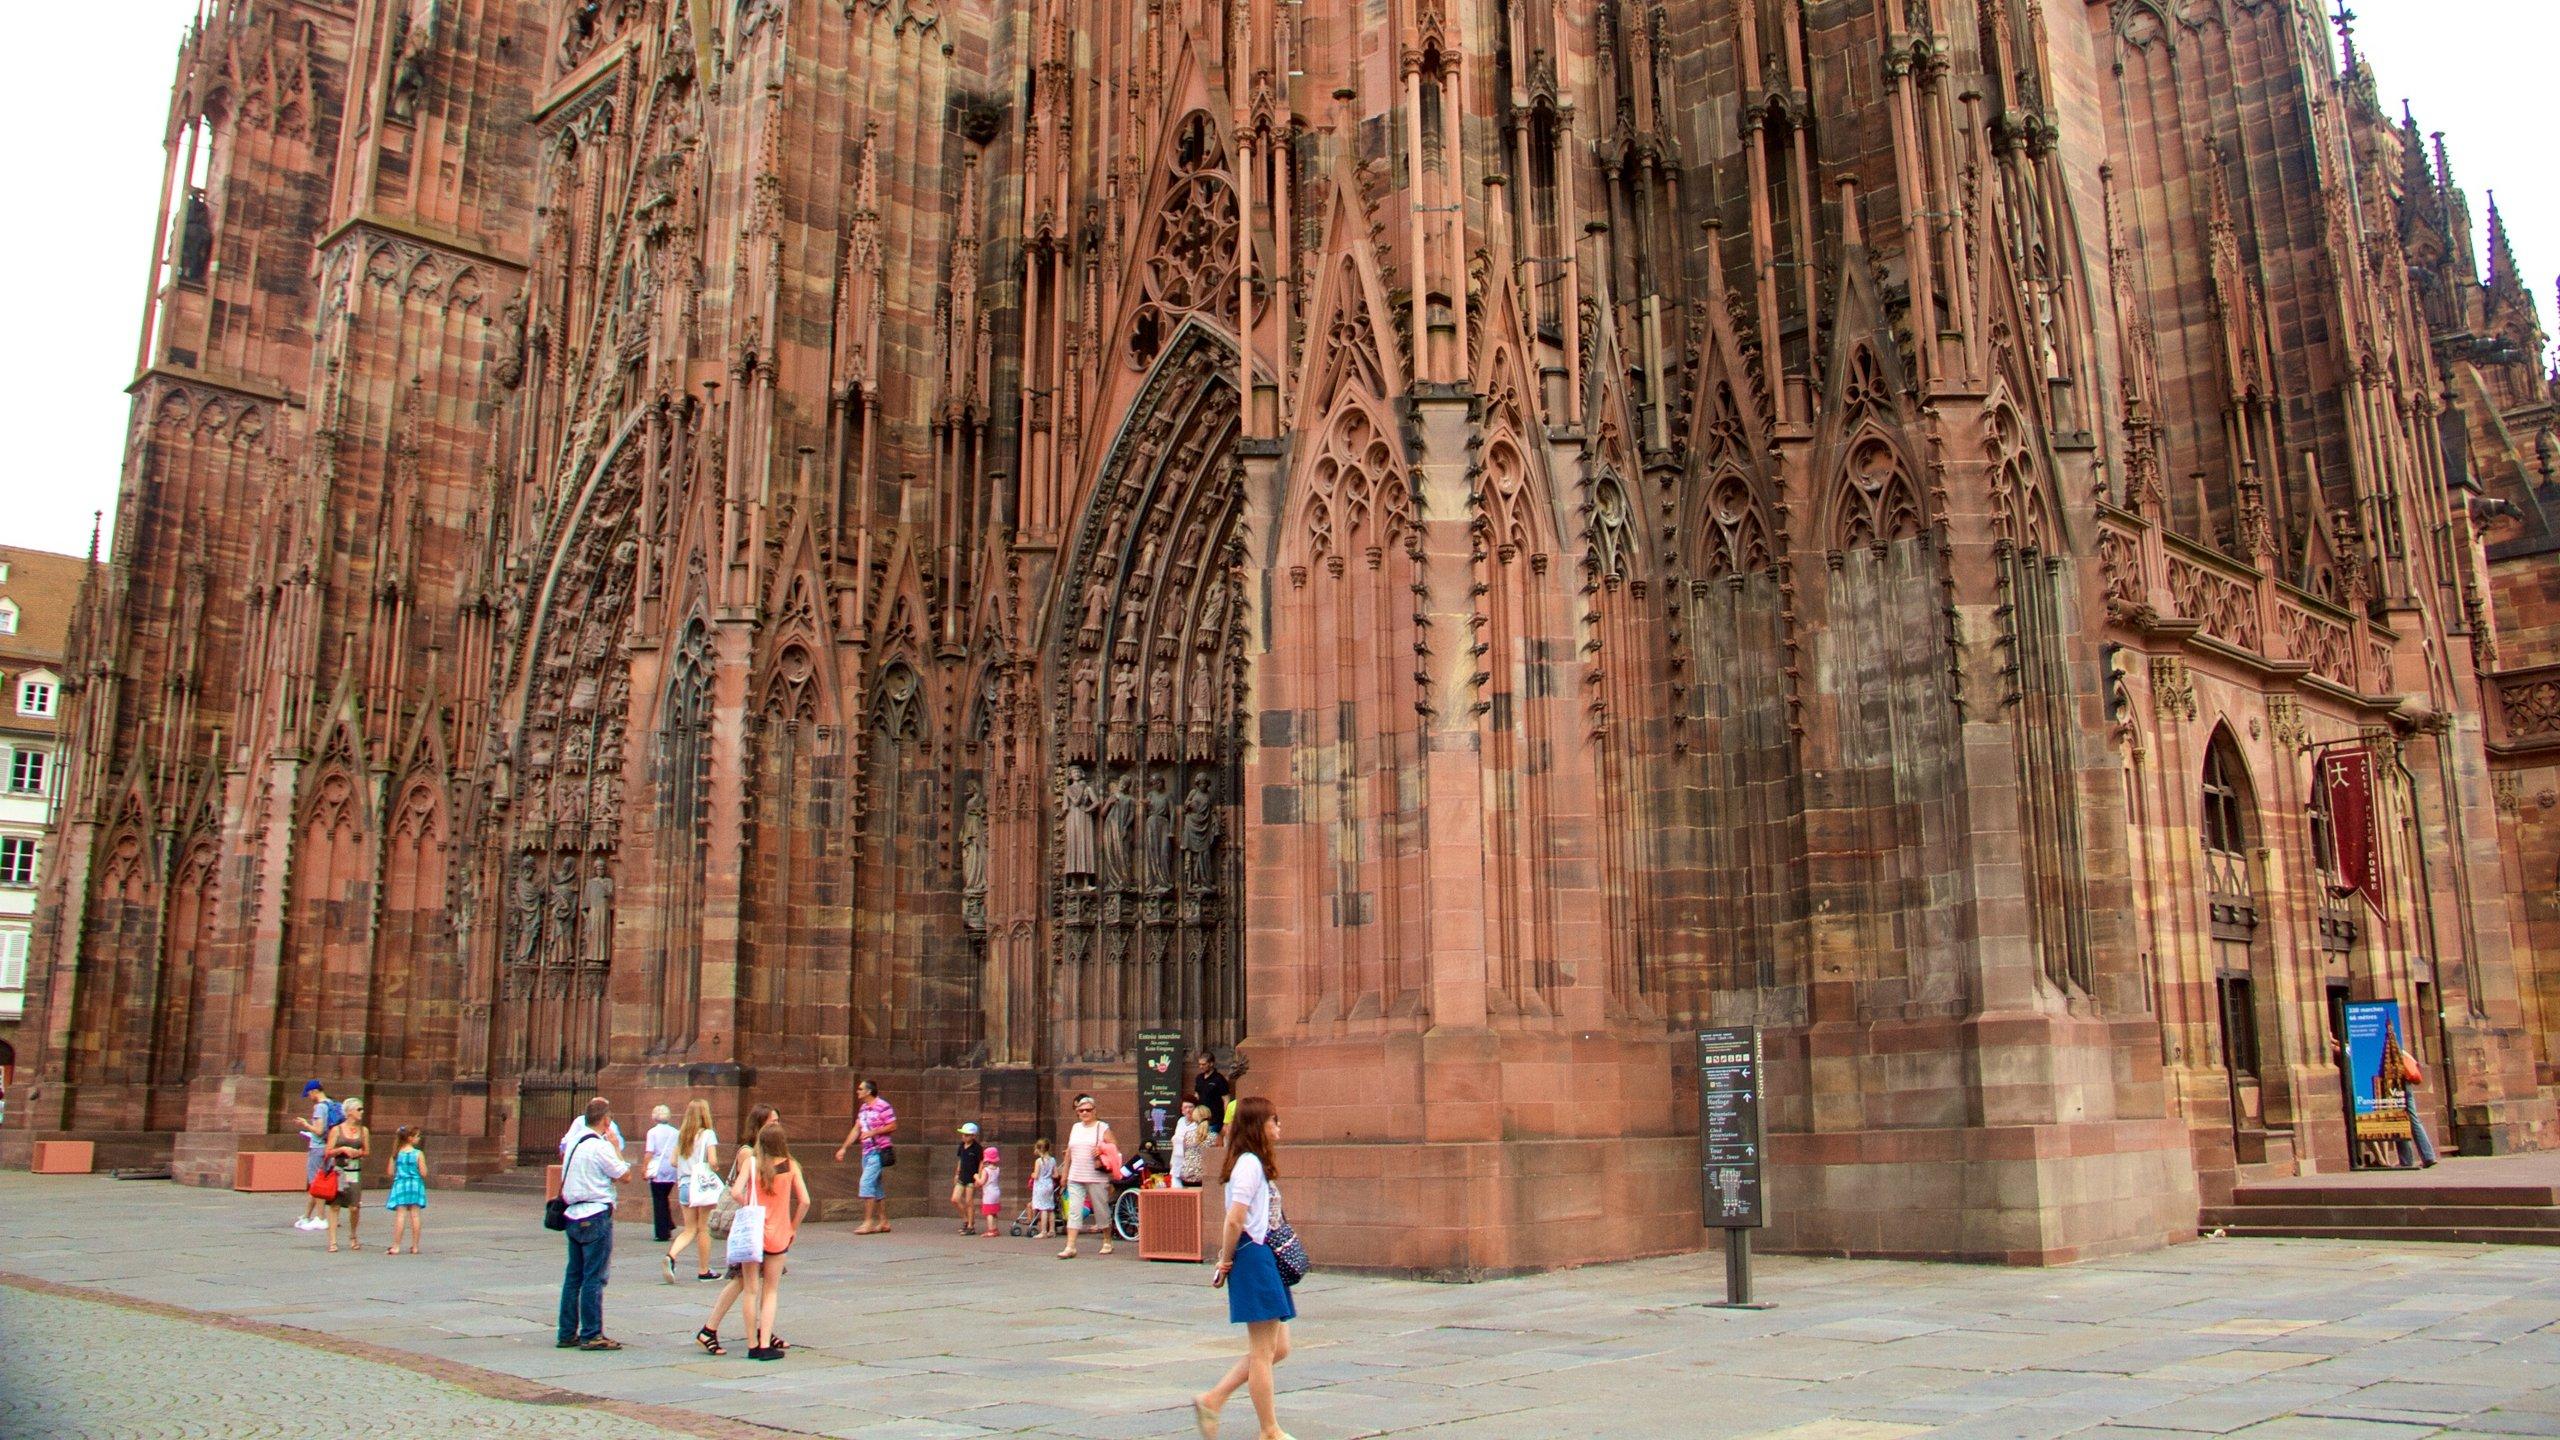 Erfahren Sie, wieso viele Meister der Literatur wie Goethe und Victor Hugo diese bemerkenswerte Kathedrale mit ihrem leichten Hauch von Rosa so liebten.